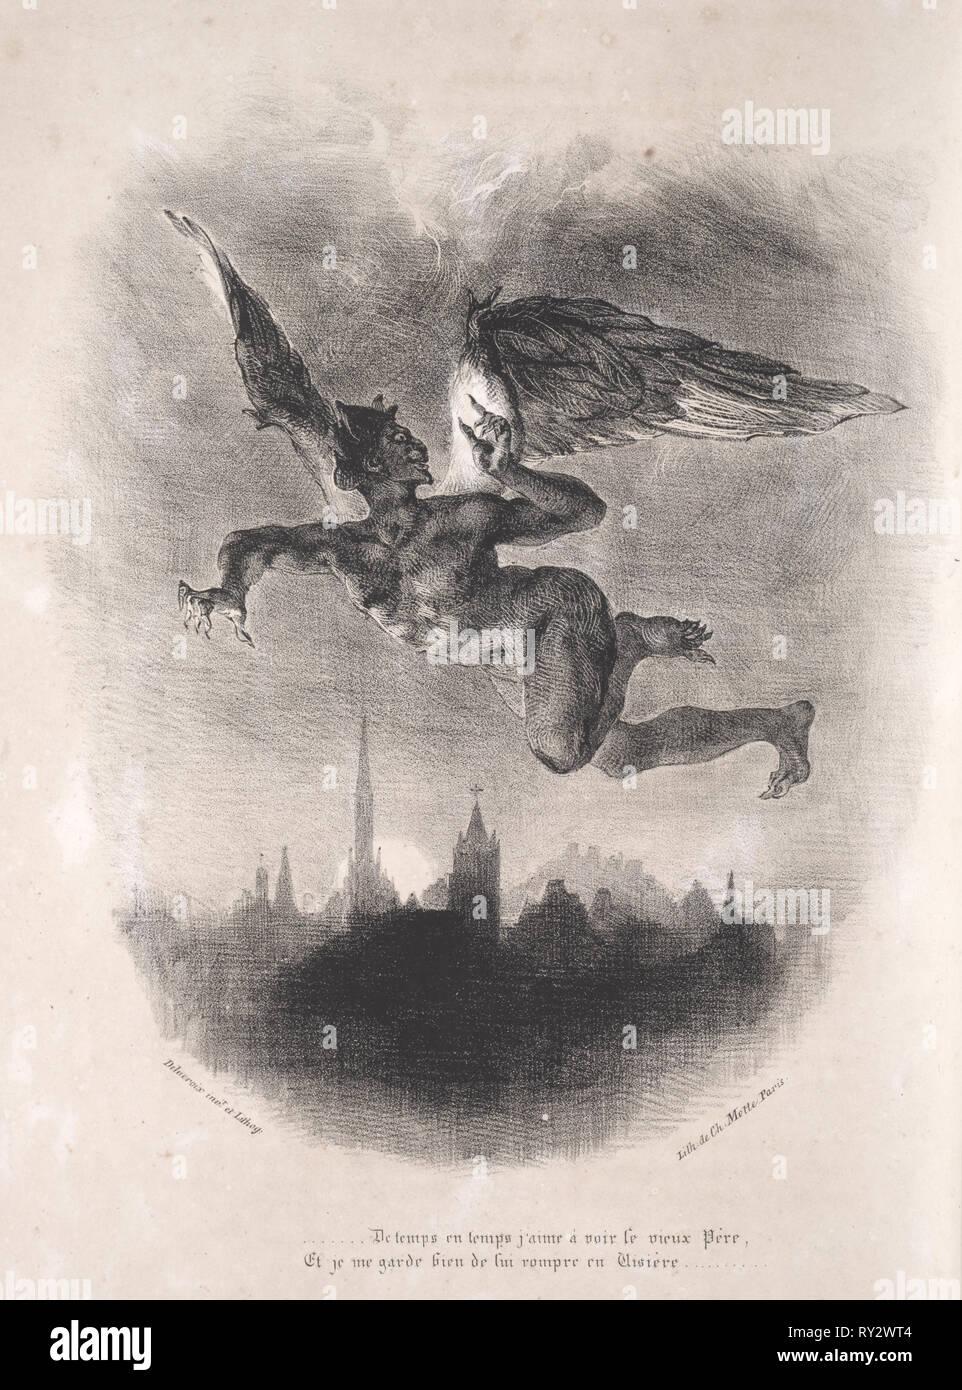 Faust: Tragédie de M. de Goethe, translated into French by Albert Stapfer.: Illustrations for Faust:  Méphistophélés in the air, 1828. Eugène Delacroix (French, 1798-1863), Chez Ch. Motte, Éditeur, distributed by Chez Sautelet, Libraire. Lithograph - Stock Image